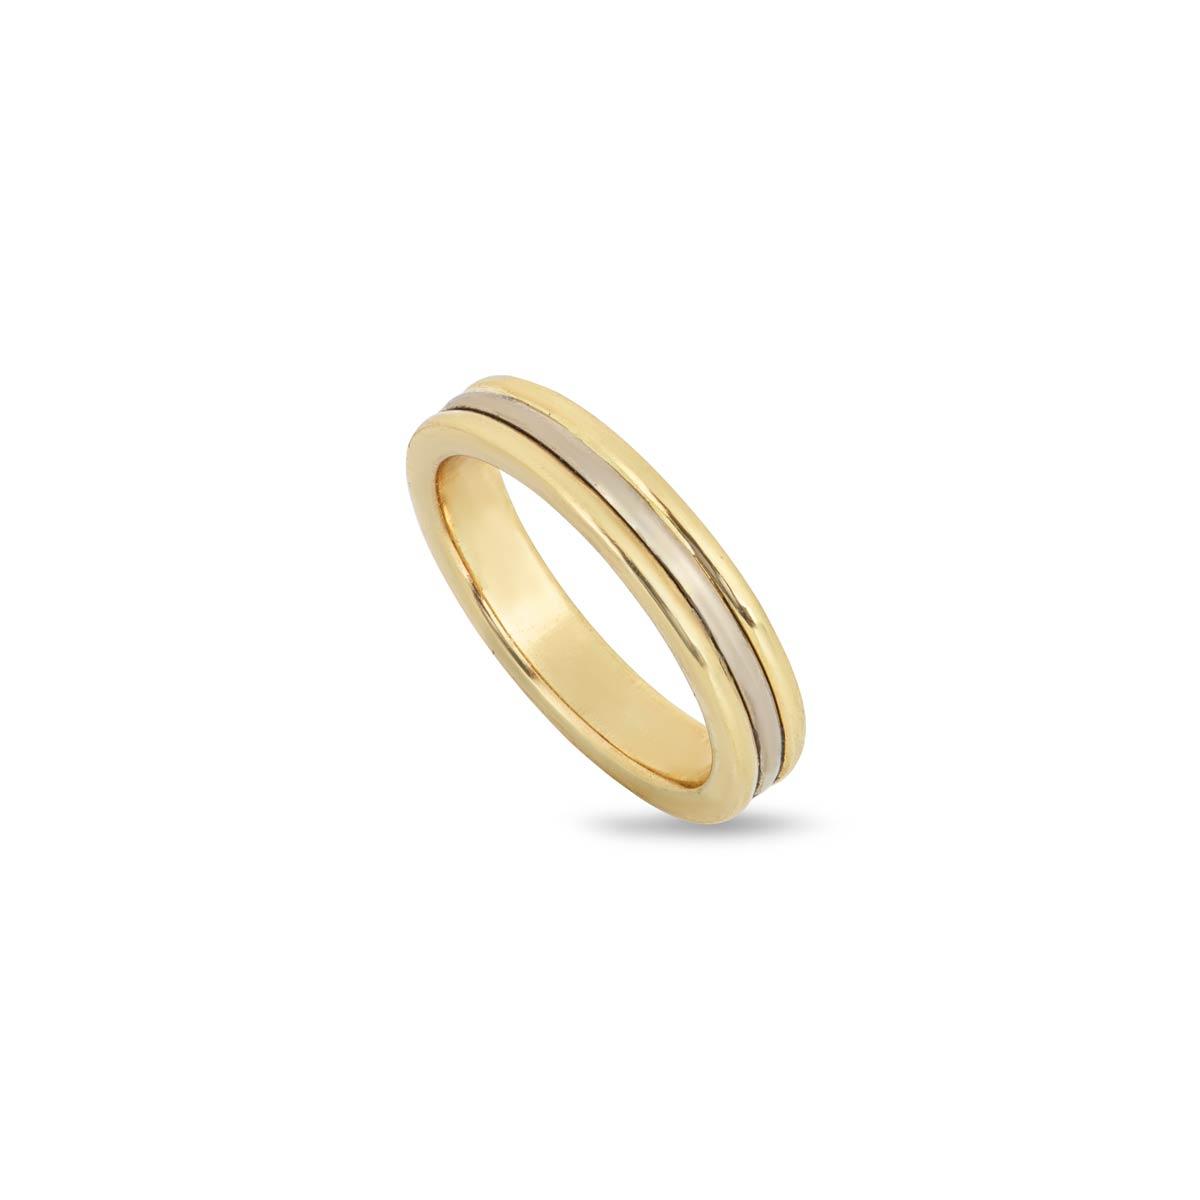 18k Gold 4mm Bevelled Wedding Band